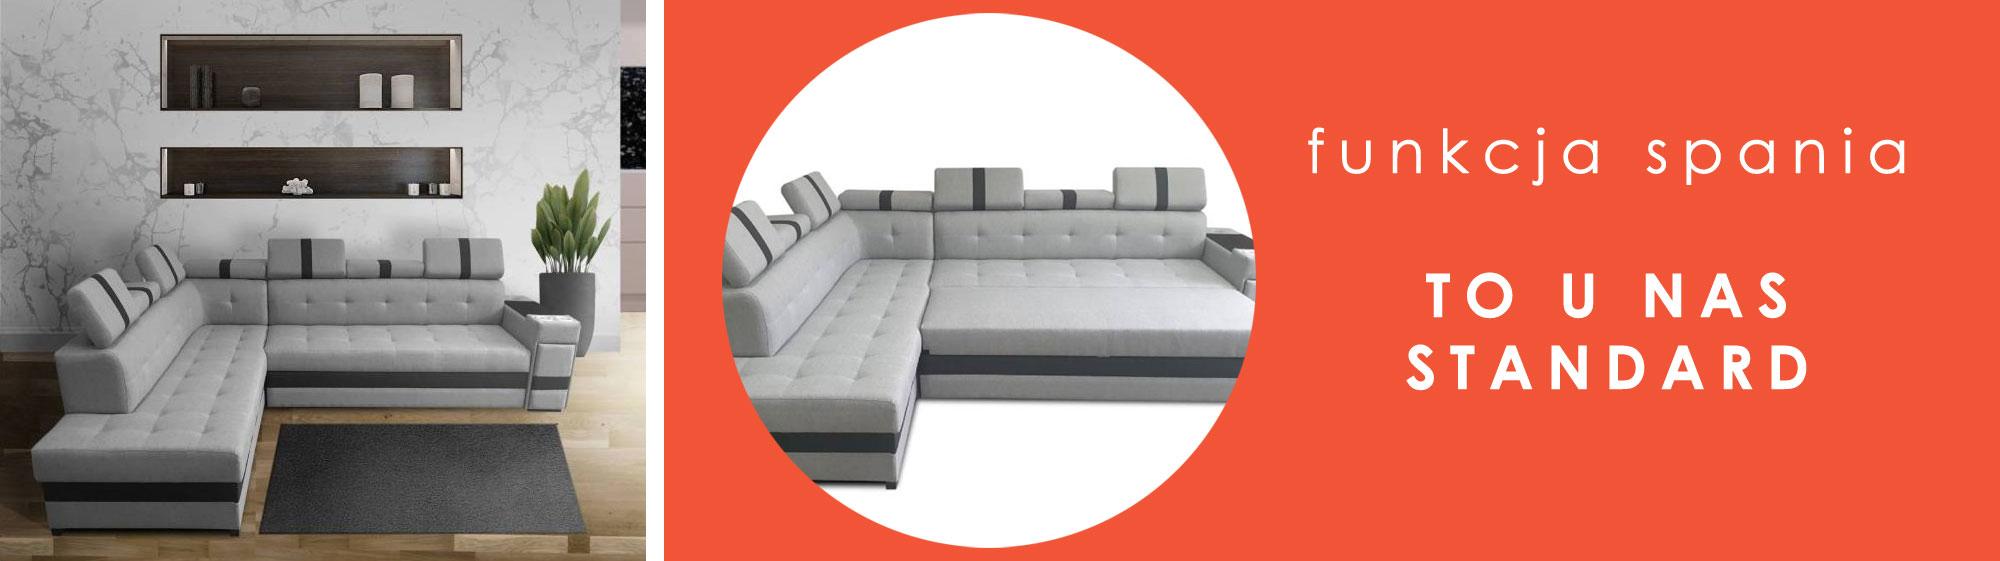 Funkcja spania w meblach tapicerowanych